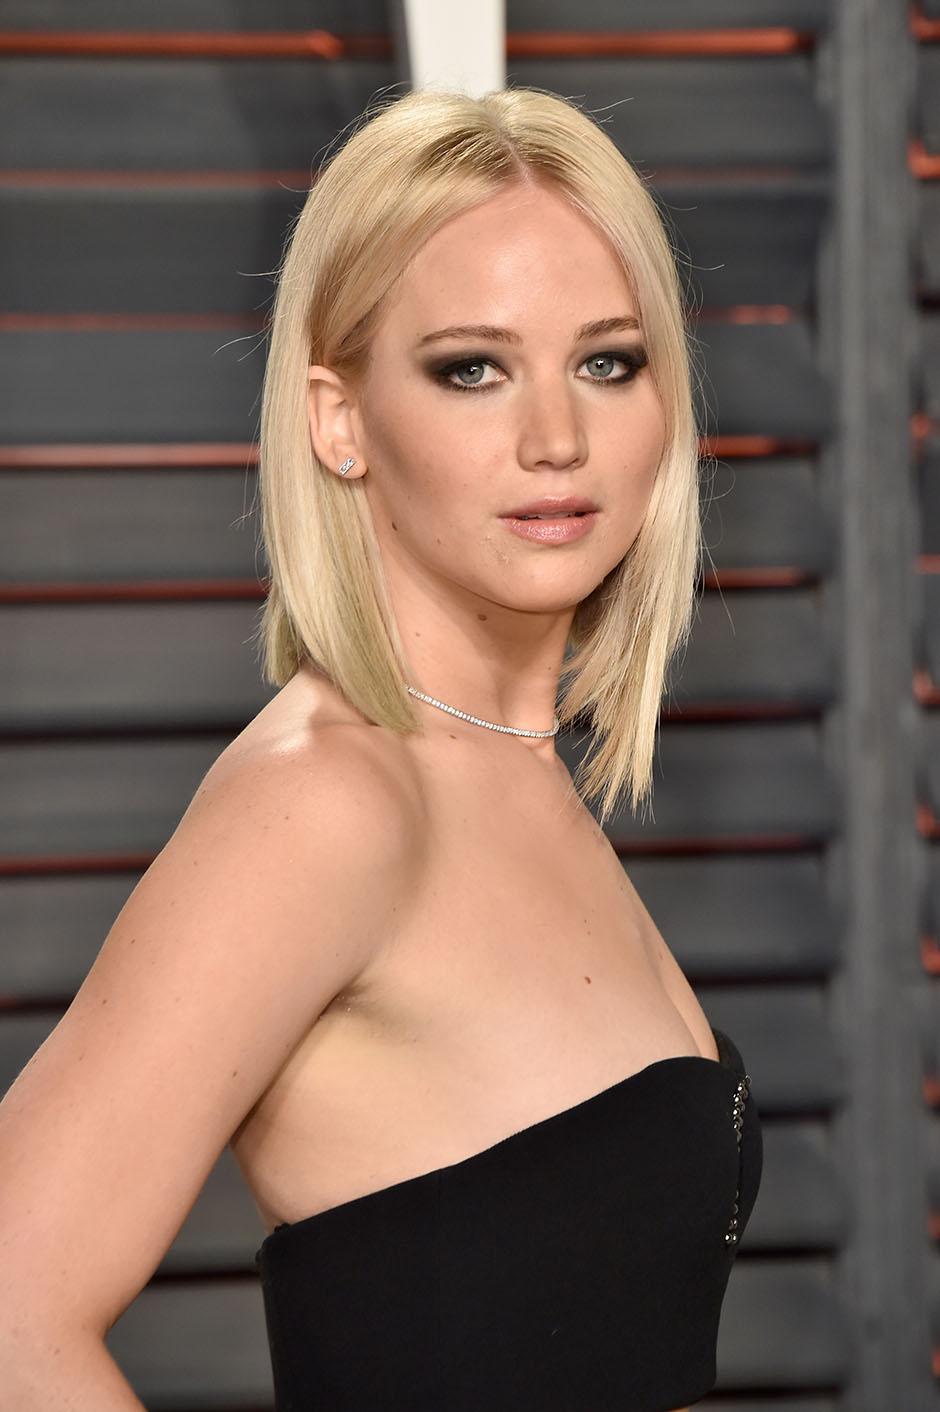 Самые сексуальные звезды блондинки голлевуда